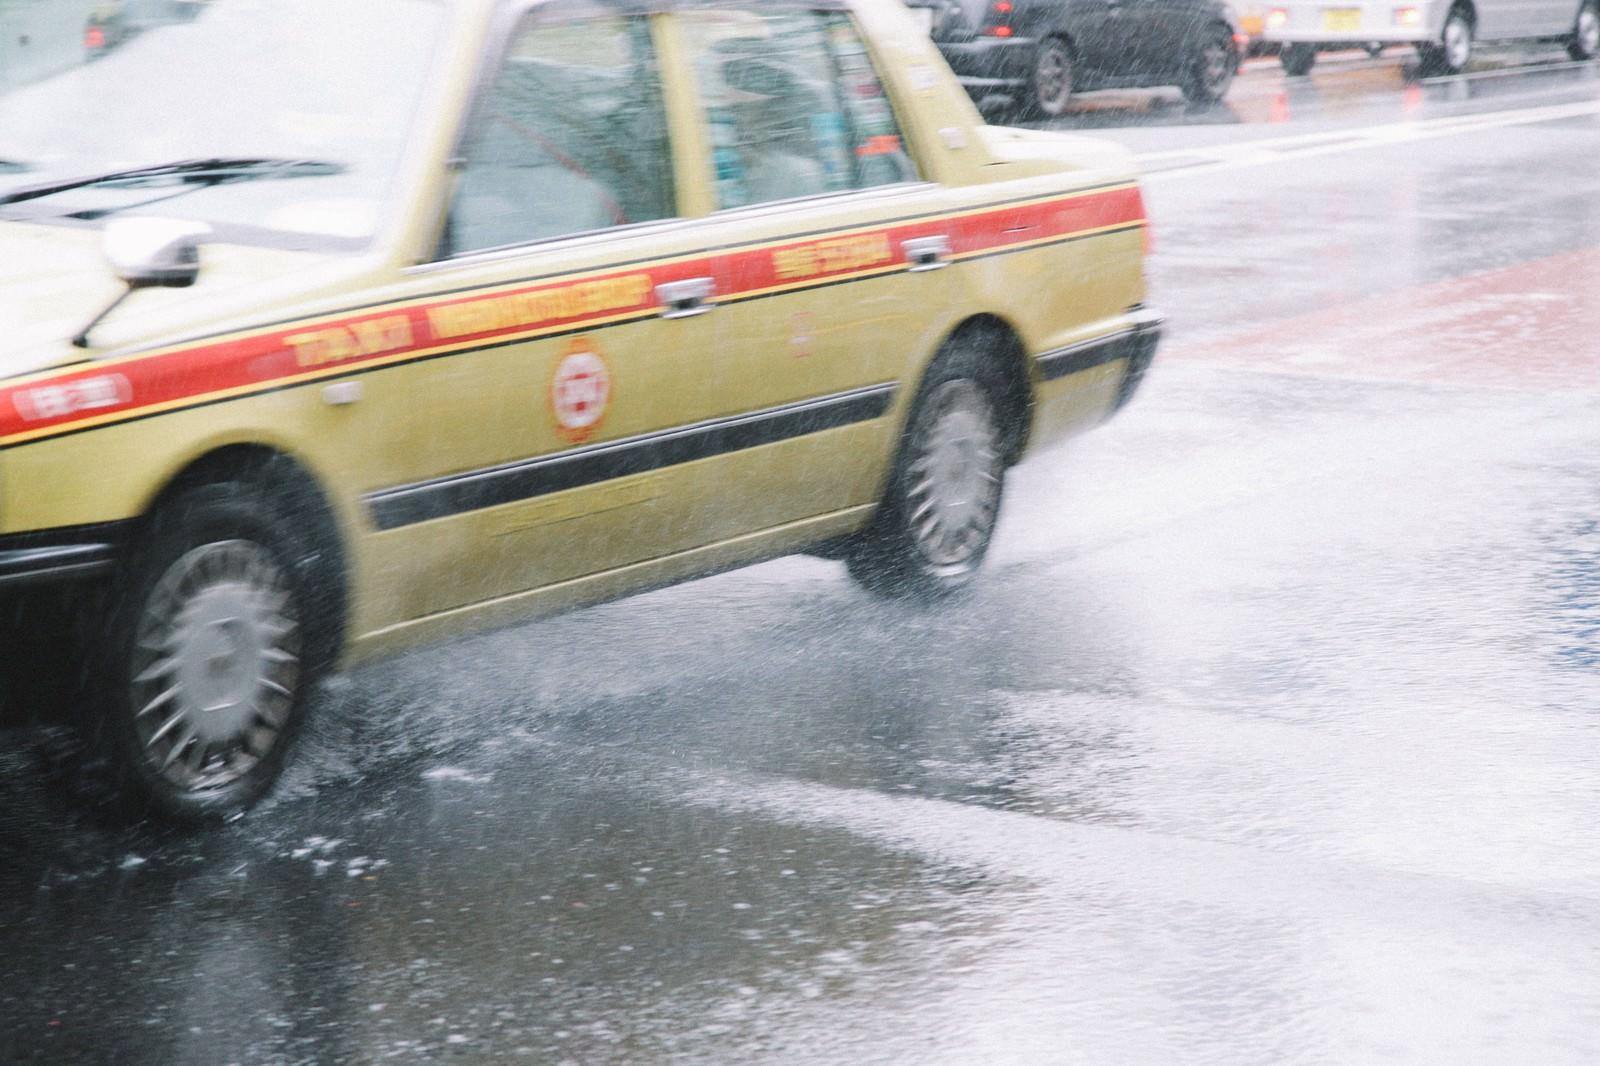 「大雨で大忙しのタクシー大雨で大忙しのタクシー」のフリー写真素材を拡大